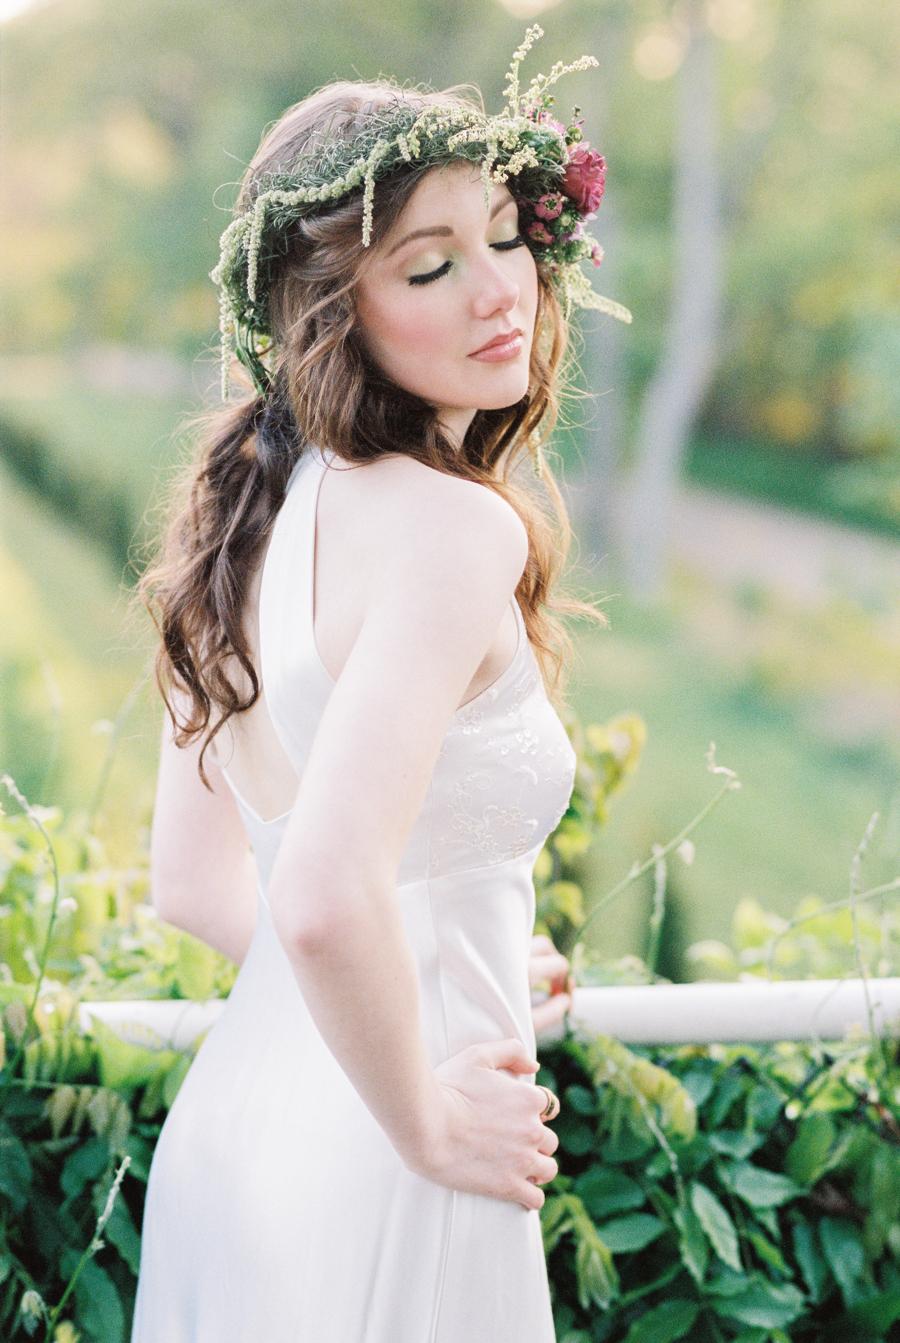 StacyHanna_GardenShoot-21.jpg